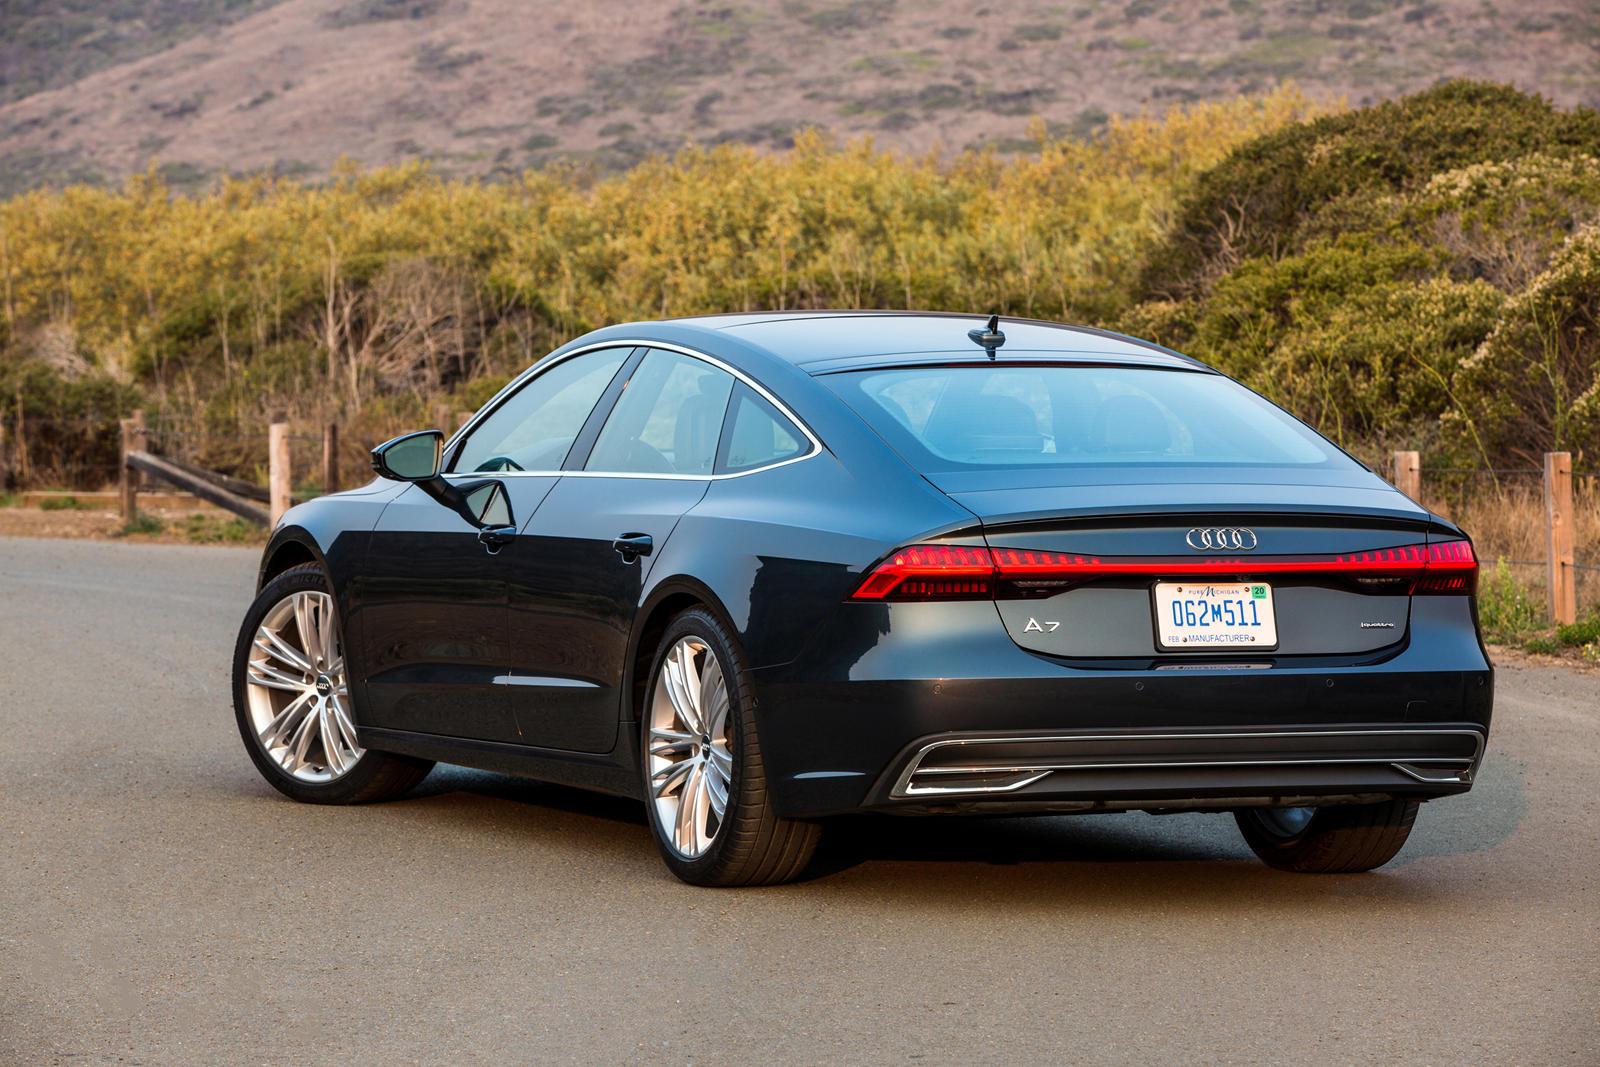 Впервые мы узнали, что этот автомобиль появится, услышав о нем в середине прошлого года, прежде чем увидеть замаскированную версию автомобиля на тестах. Теперь Audi полностью представил автомобиль - или, по крайней мере, его кузов - и заявляет, что о